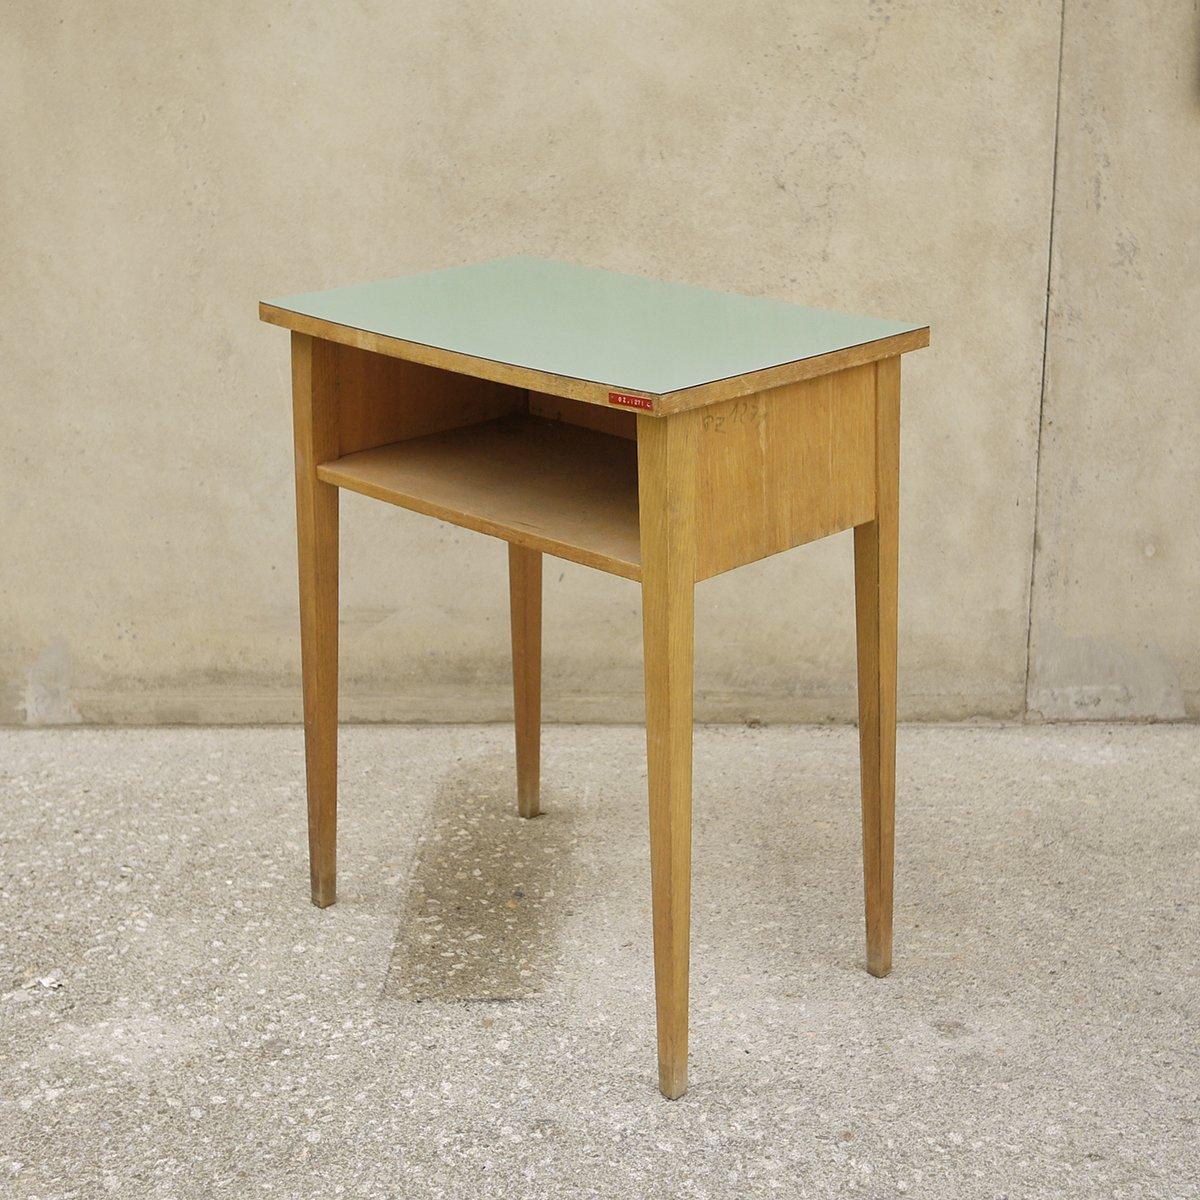 Außergewöhnlich Holz Beistelltisch Das Beste Von Vintage Aus Mit Grüner Tischplatte